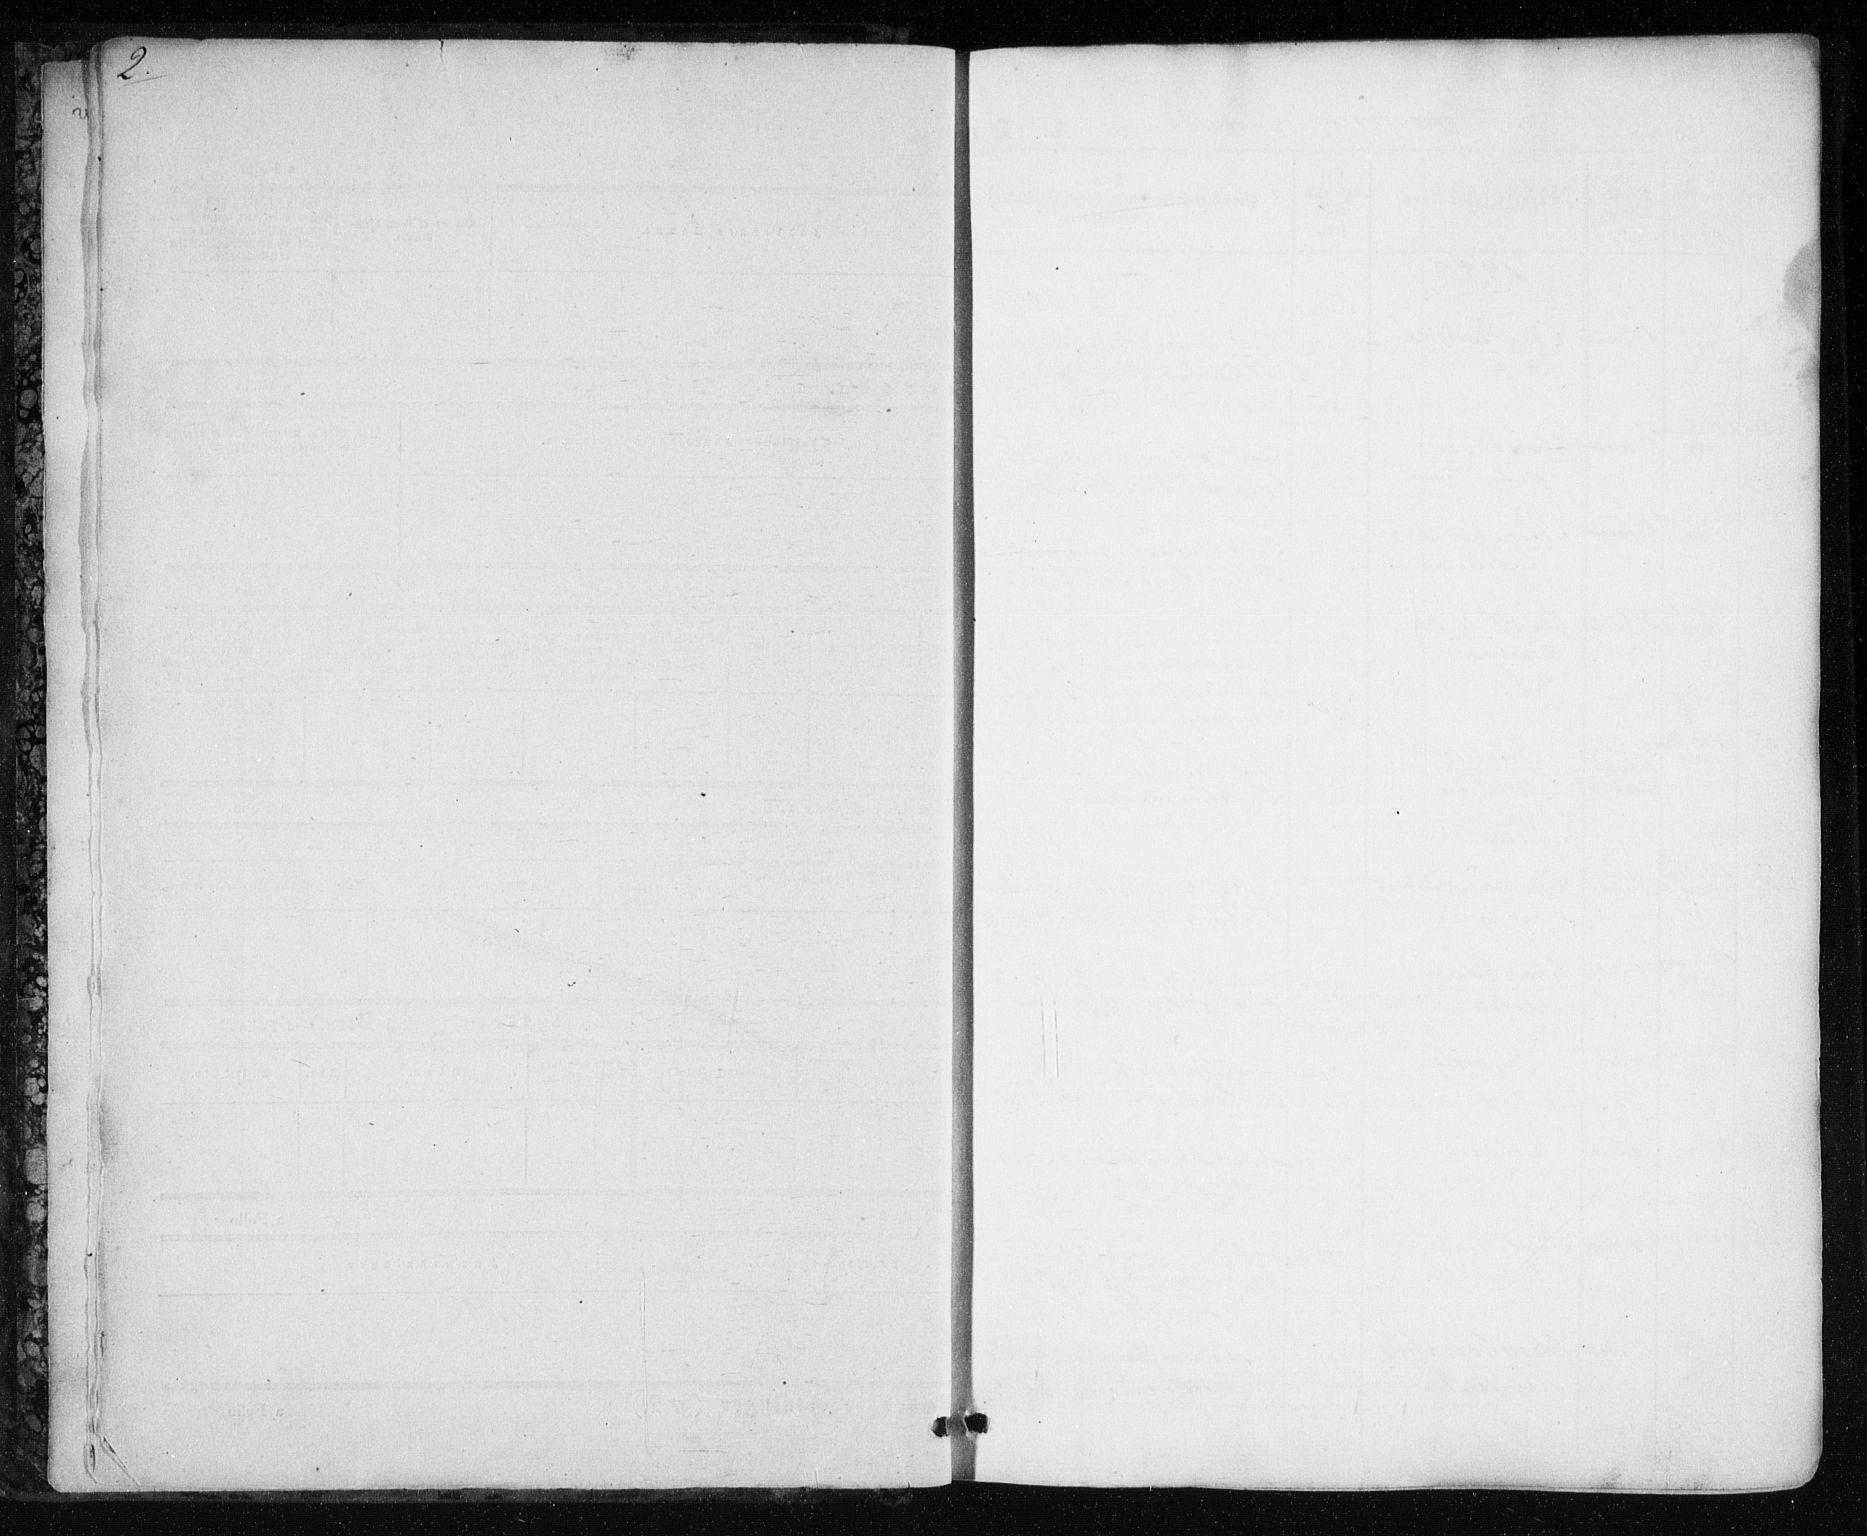 SAT, Ministerialprotokoller, klokkerbøker og fødselsregistre - Nord-Trøndelag, 717/L0154: Ministerialbok nr. 717A07 /1, 1850-1862, s. 2